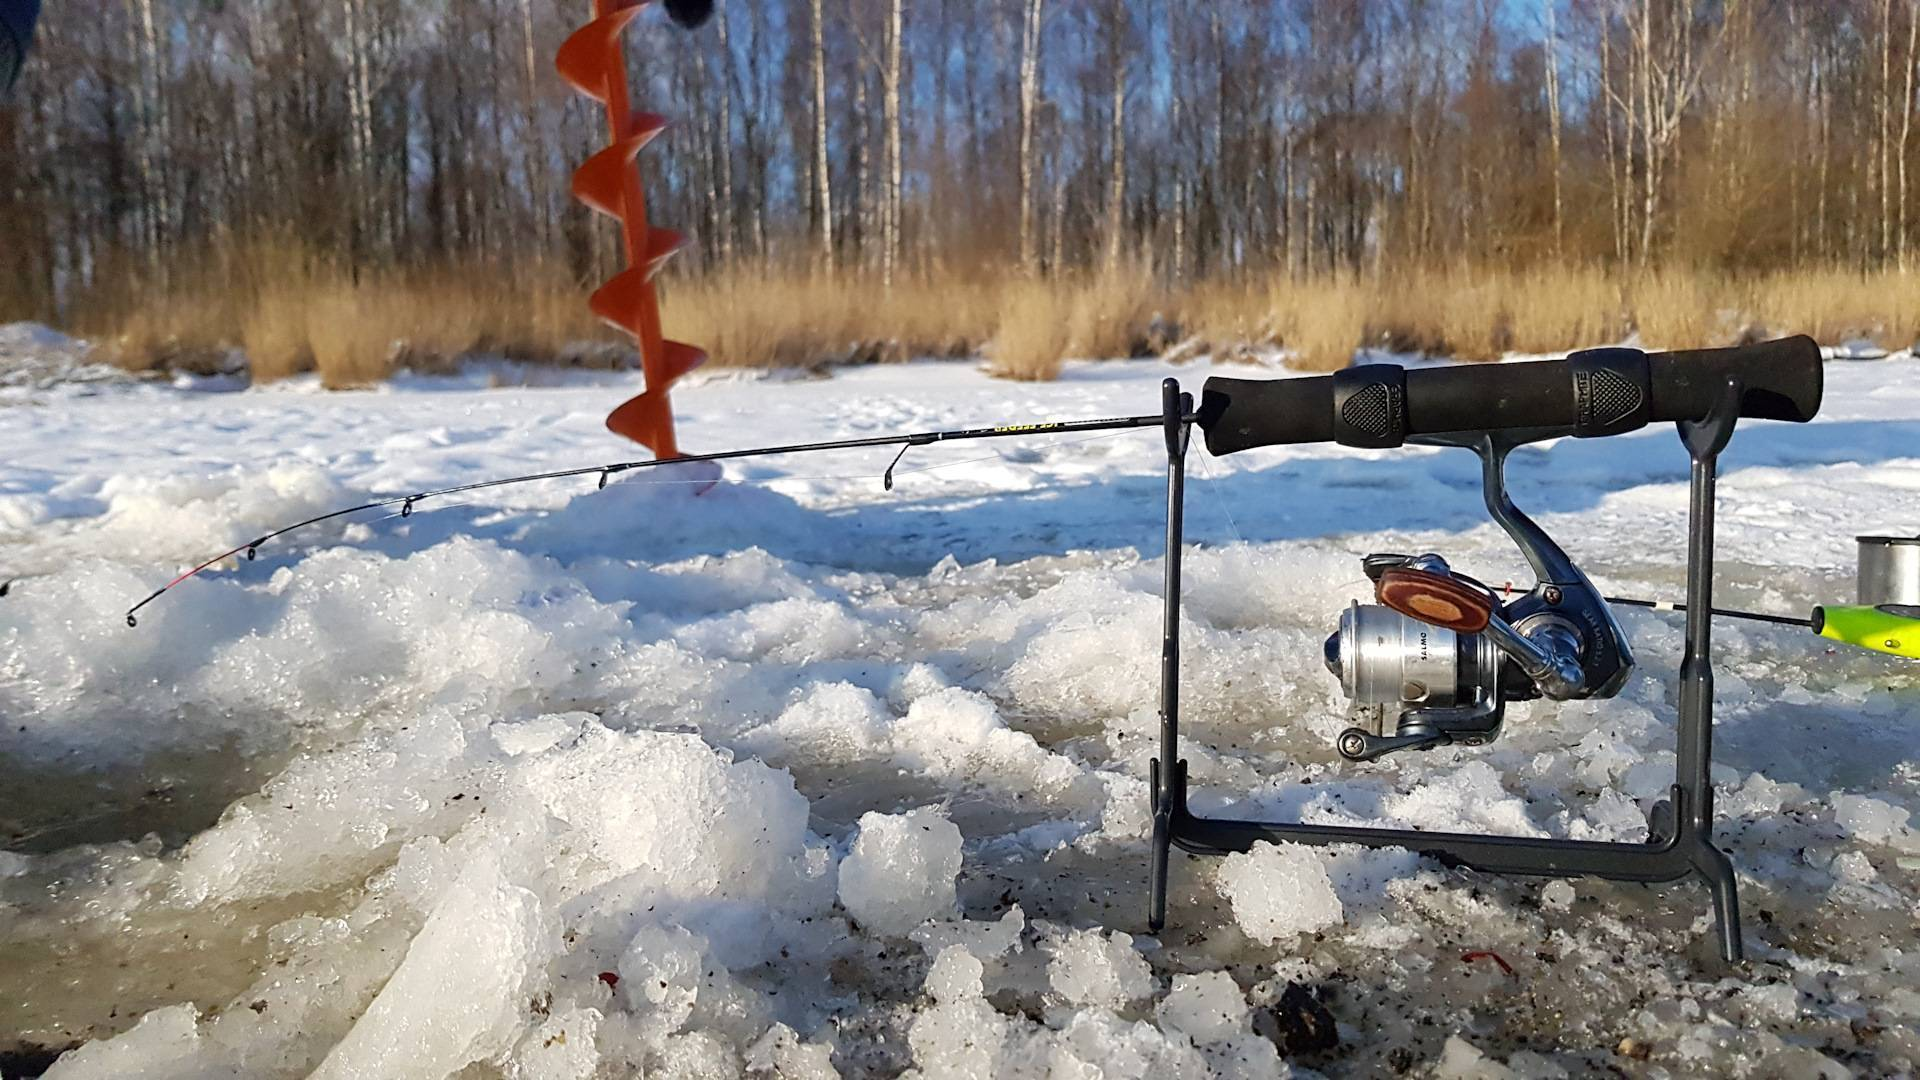 Оснастка для зимнего фидера со льда, устройство и особенности